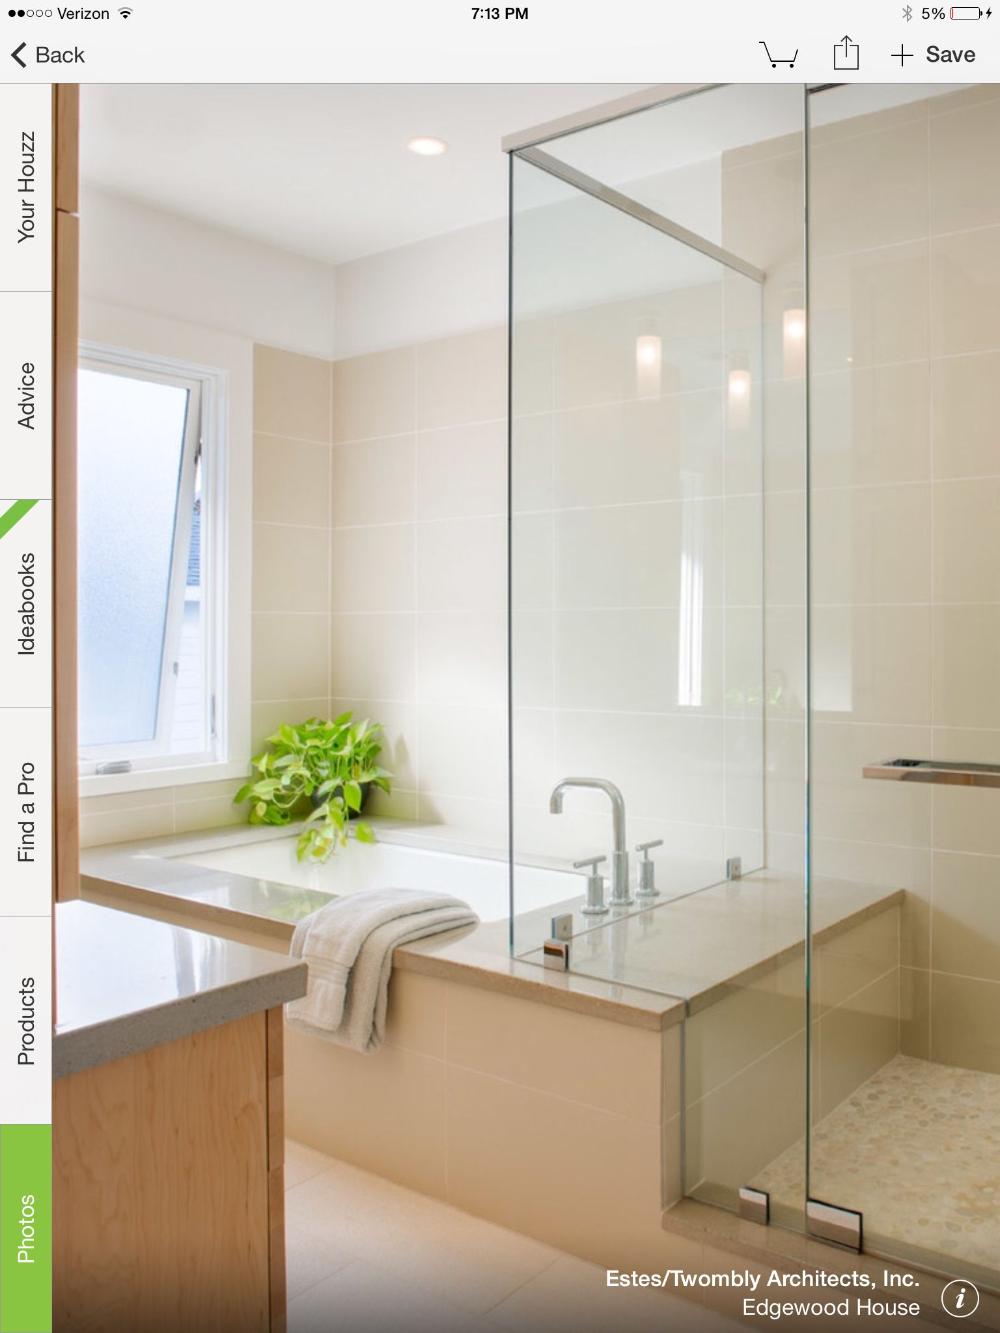 Kohler Greek Tub Google Search In 2020 Bathroom Layout Shower Doors Glass Shower Doors Frameless